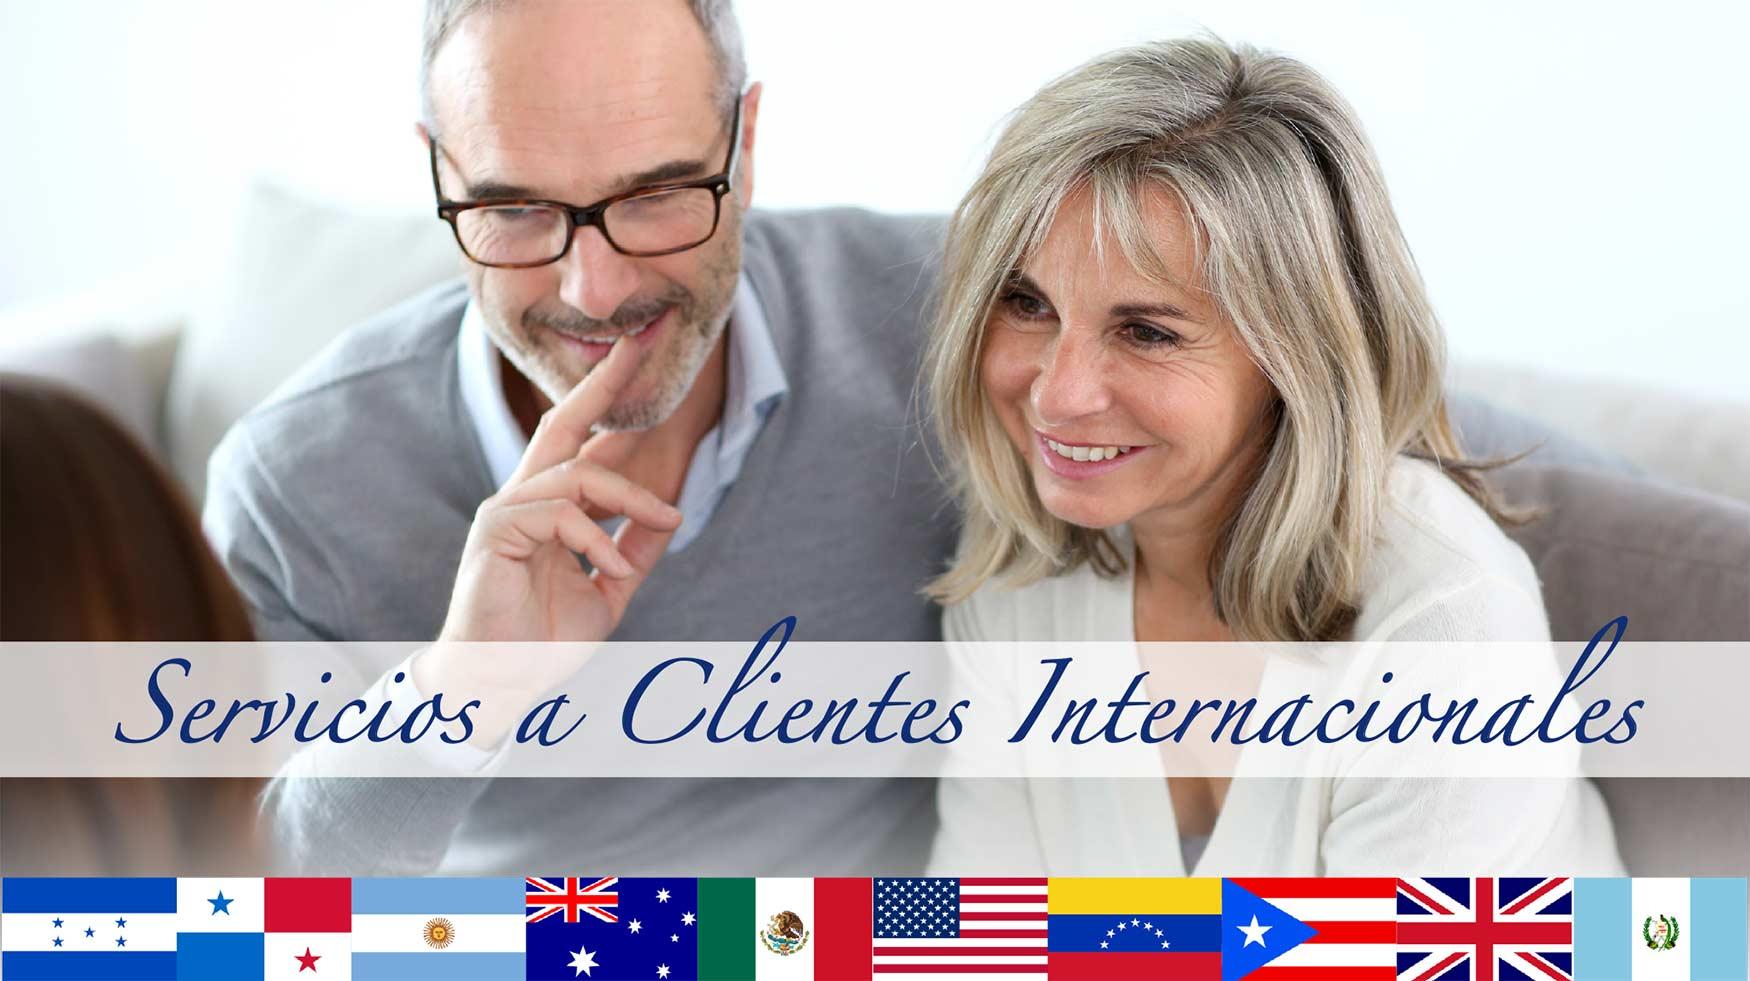 Servicios a Clientes Internacionales!